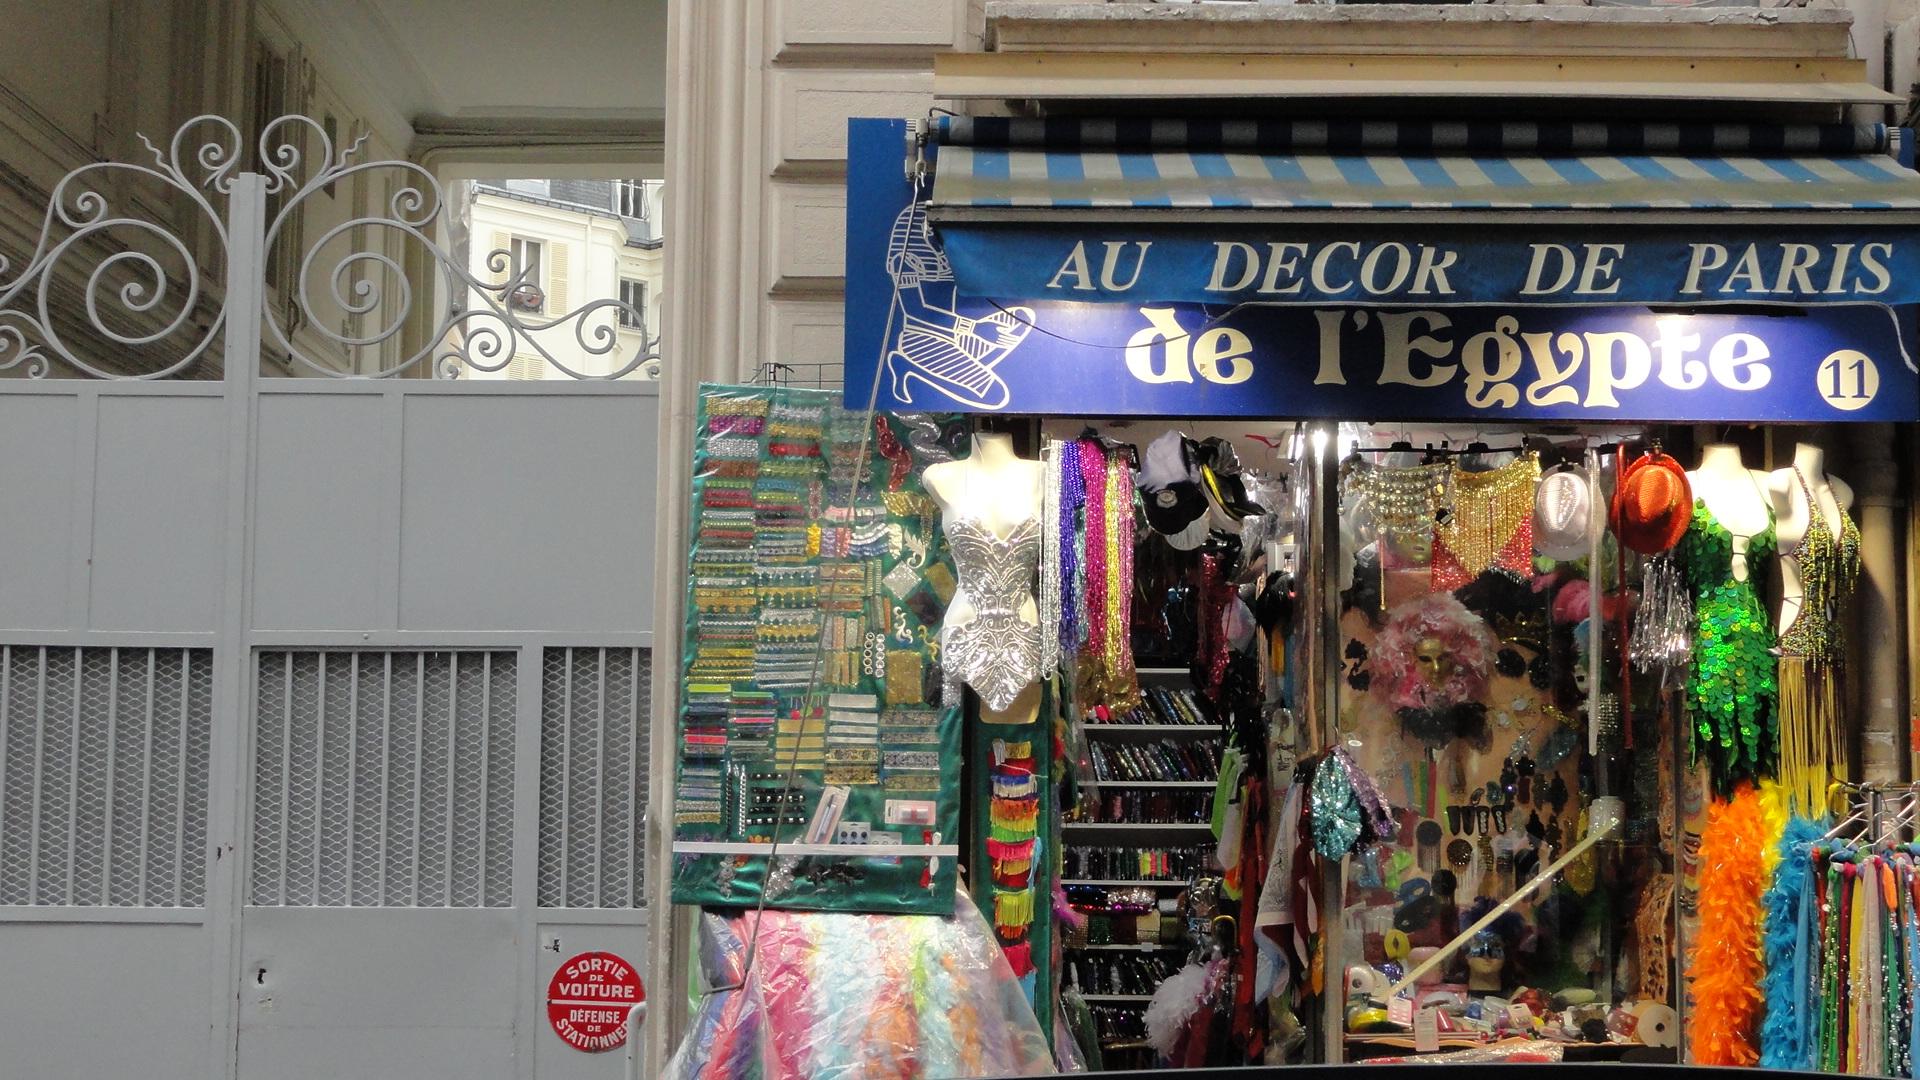 Marché Saint Pierre, Paris 18e - Boutique